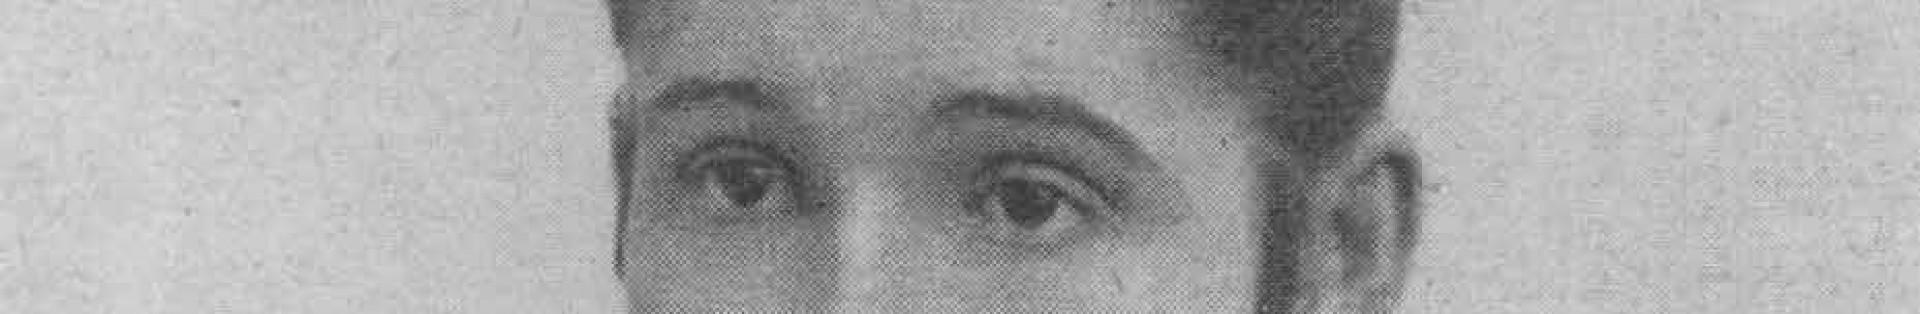 OLGA BOZNAŃSKA - HELENA BLUMÓWNA 1949 R. - CZĘŚĆ IV